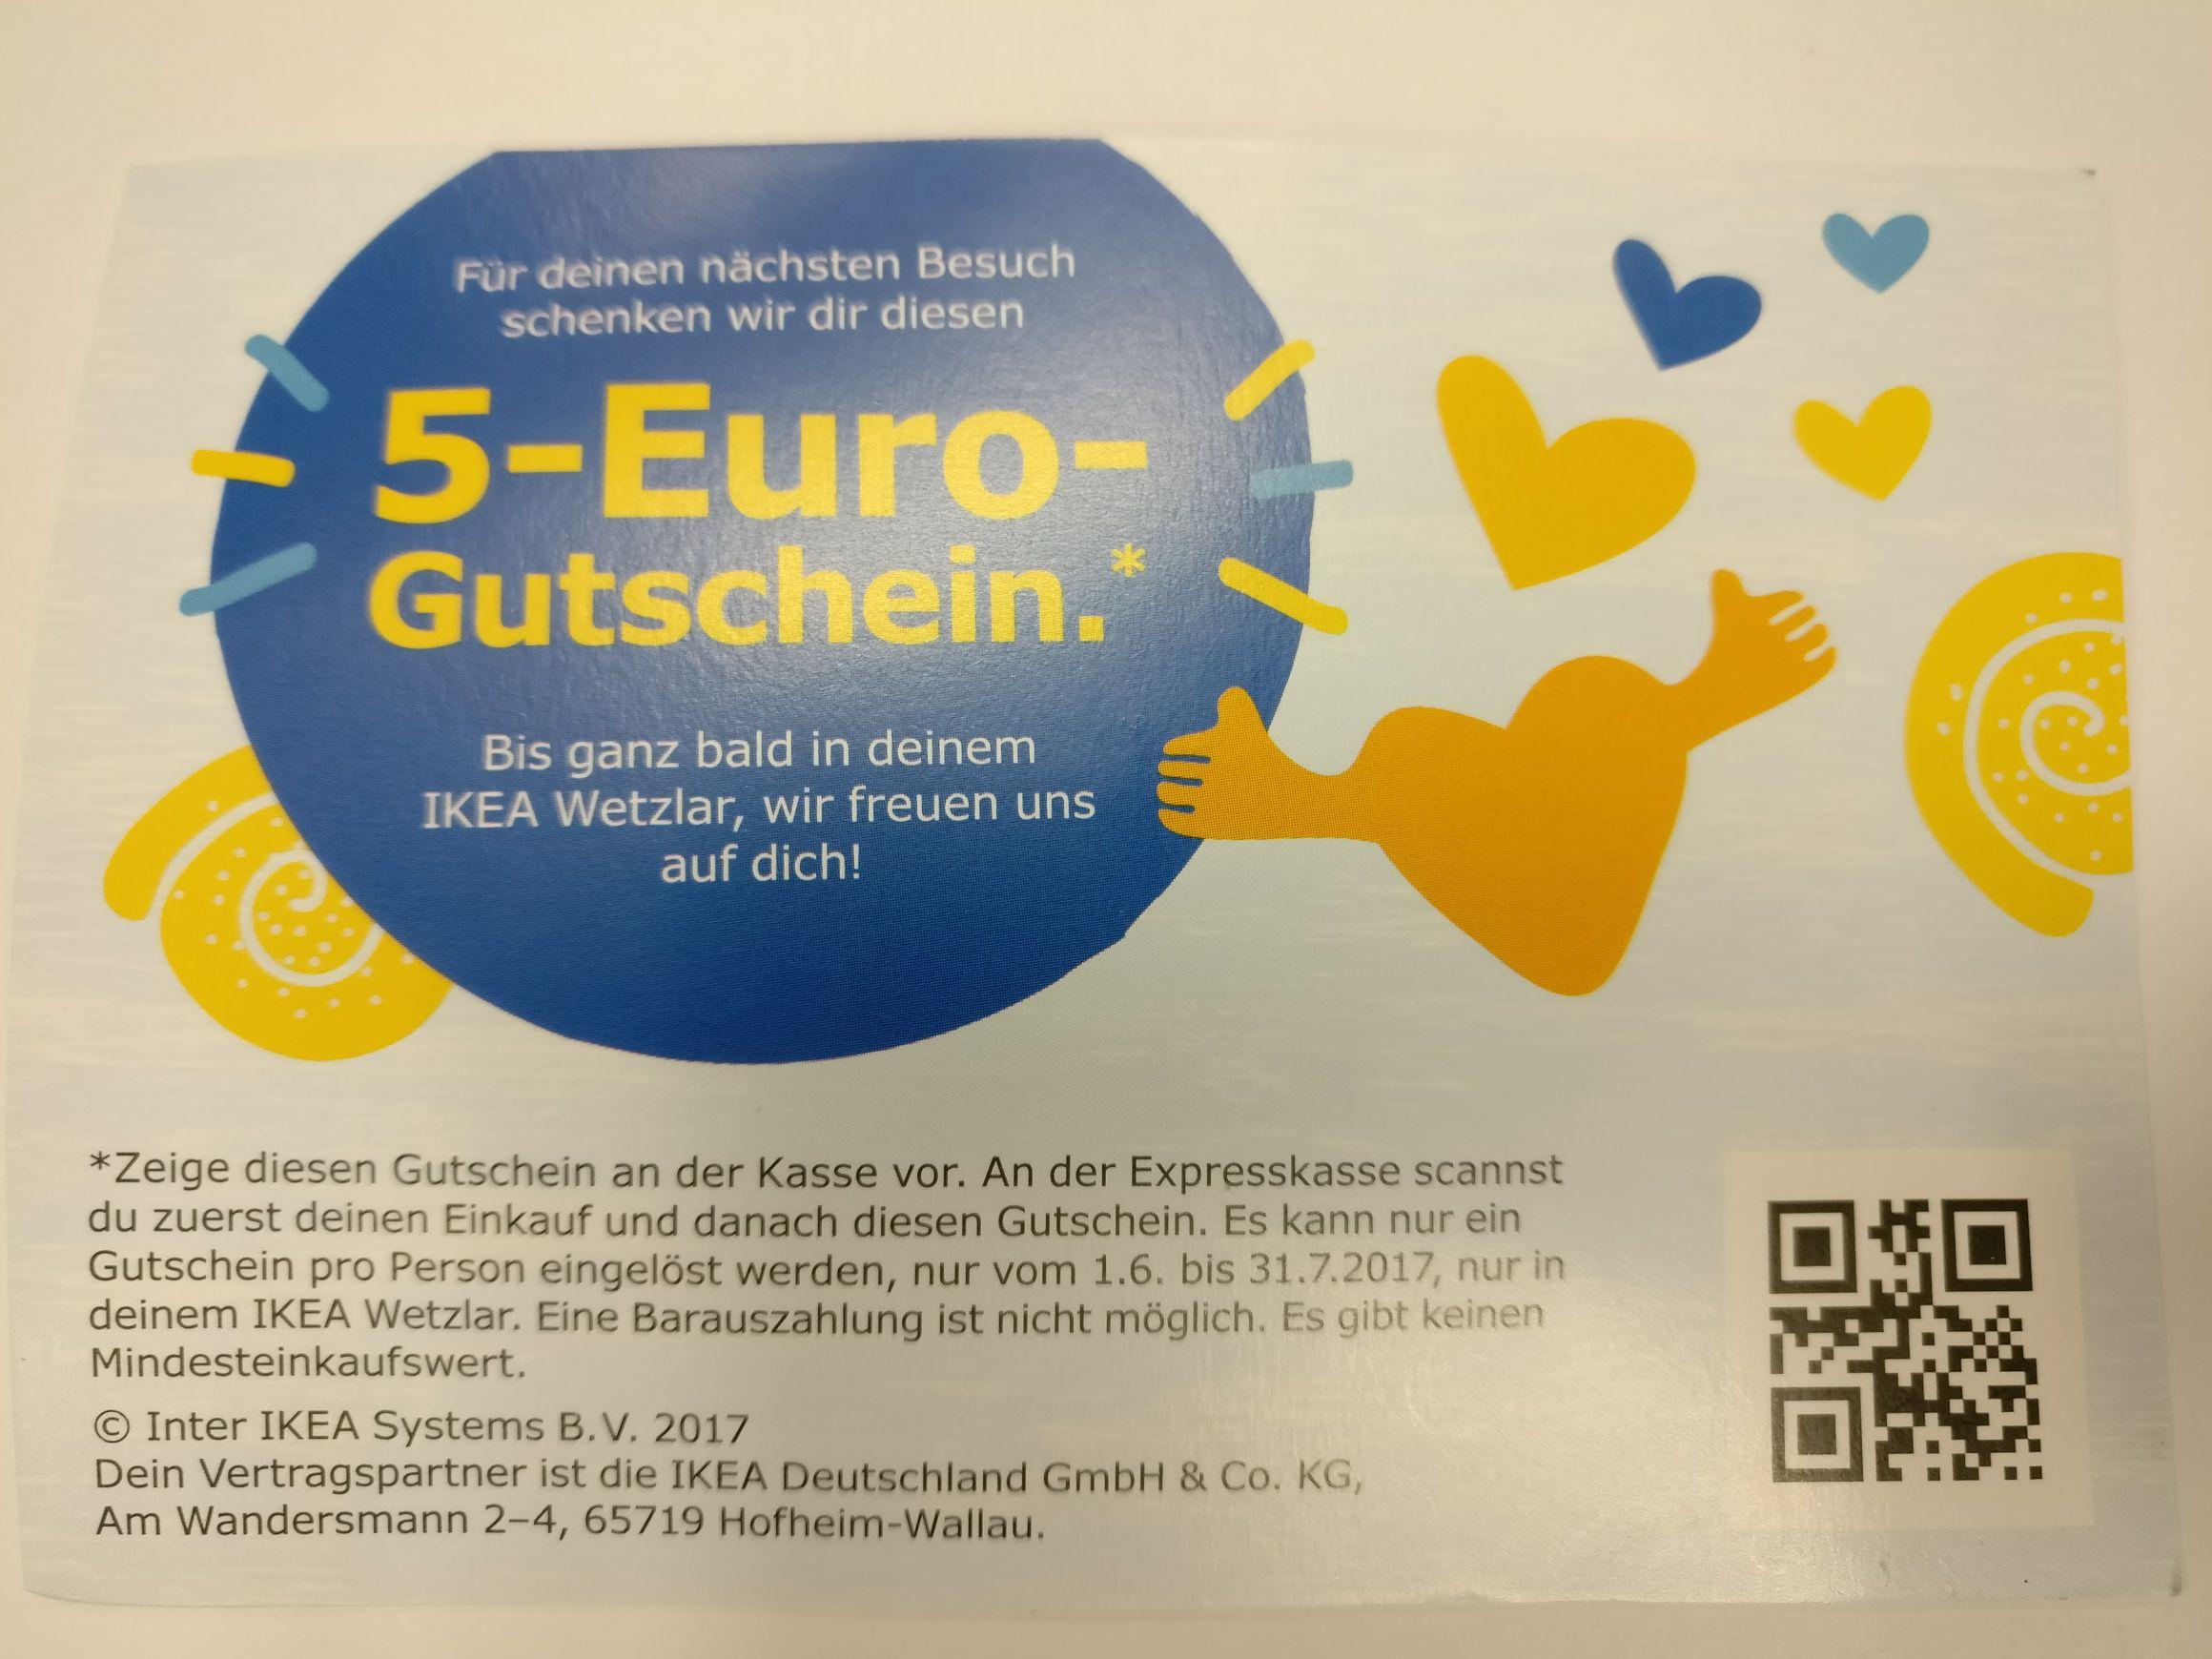 Ikea Wetzlar: 5€ Gutschein (Ab 01.06.)